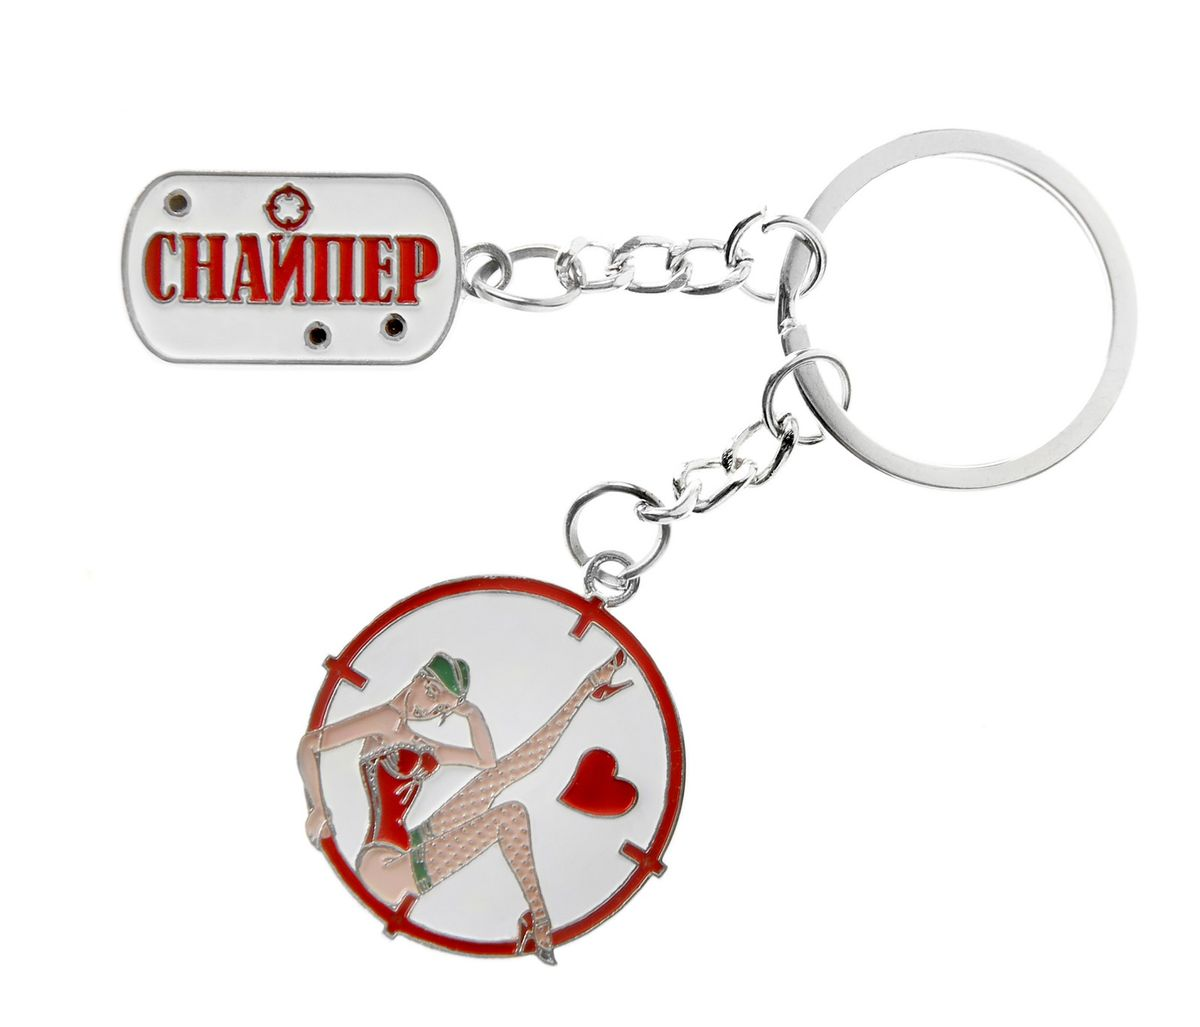 Брелок Sima-land Снайпер117922Брелок Sima-land Снайпер станет прекрасным подарком настоящему мужчине. Изделие, выполненное из металла, оснащено двумя декоративными подвесками, оформленные надписью Снайпер и изображением девушки. Мелочей в образе не бывает, поэтому внимания требуют даже брелоки для ключей, ведь так приятно открывать дверь любимого дома ключом с красивым брелоком. Данный аксессуар подойдет человеку любой профессии и сферы деятельности. Сделайте приятное не только себе, но и близким людям. Такой подарок непременно оценят. Высота брелока: 8,5 см.